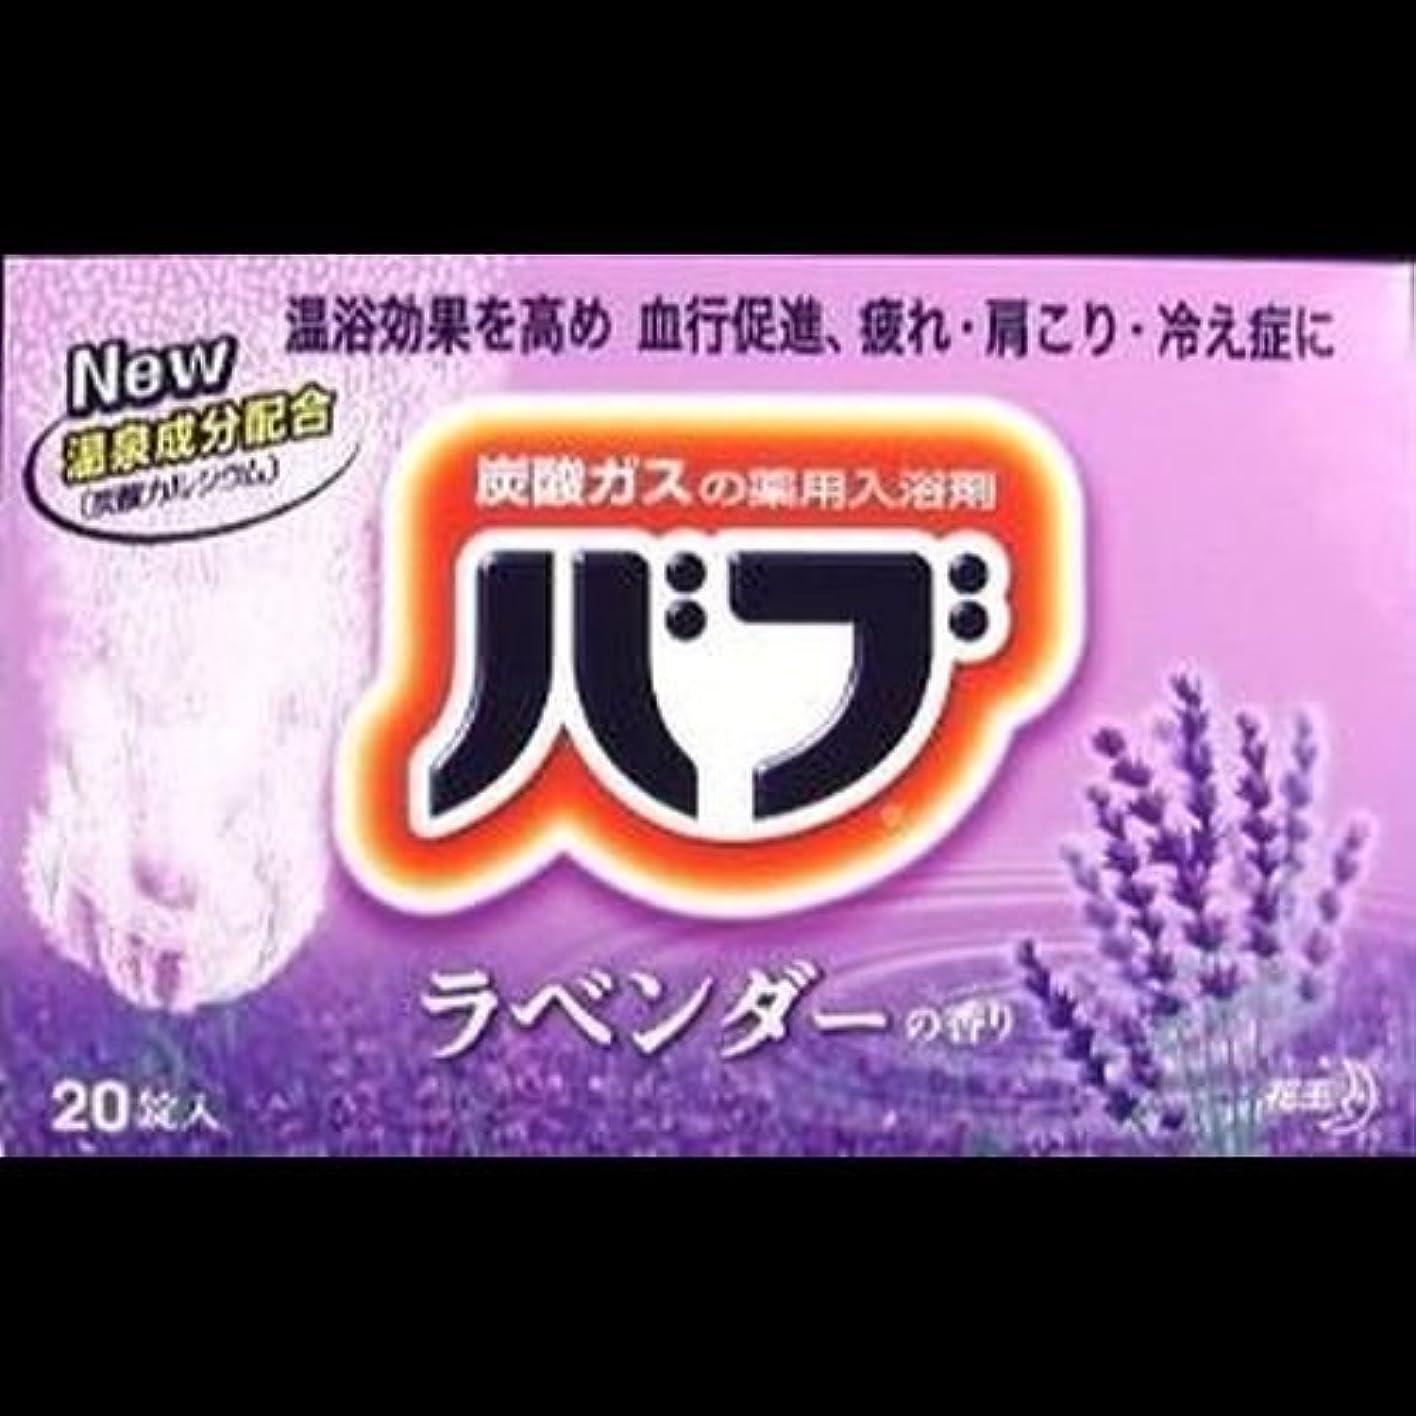 【まとめ買い】バブ ラベンダーの香り 20錠入 ×2セット